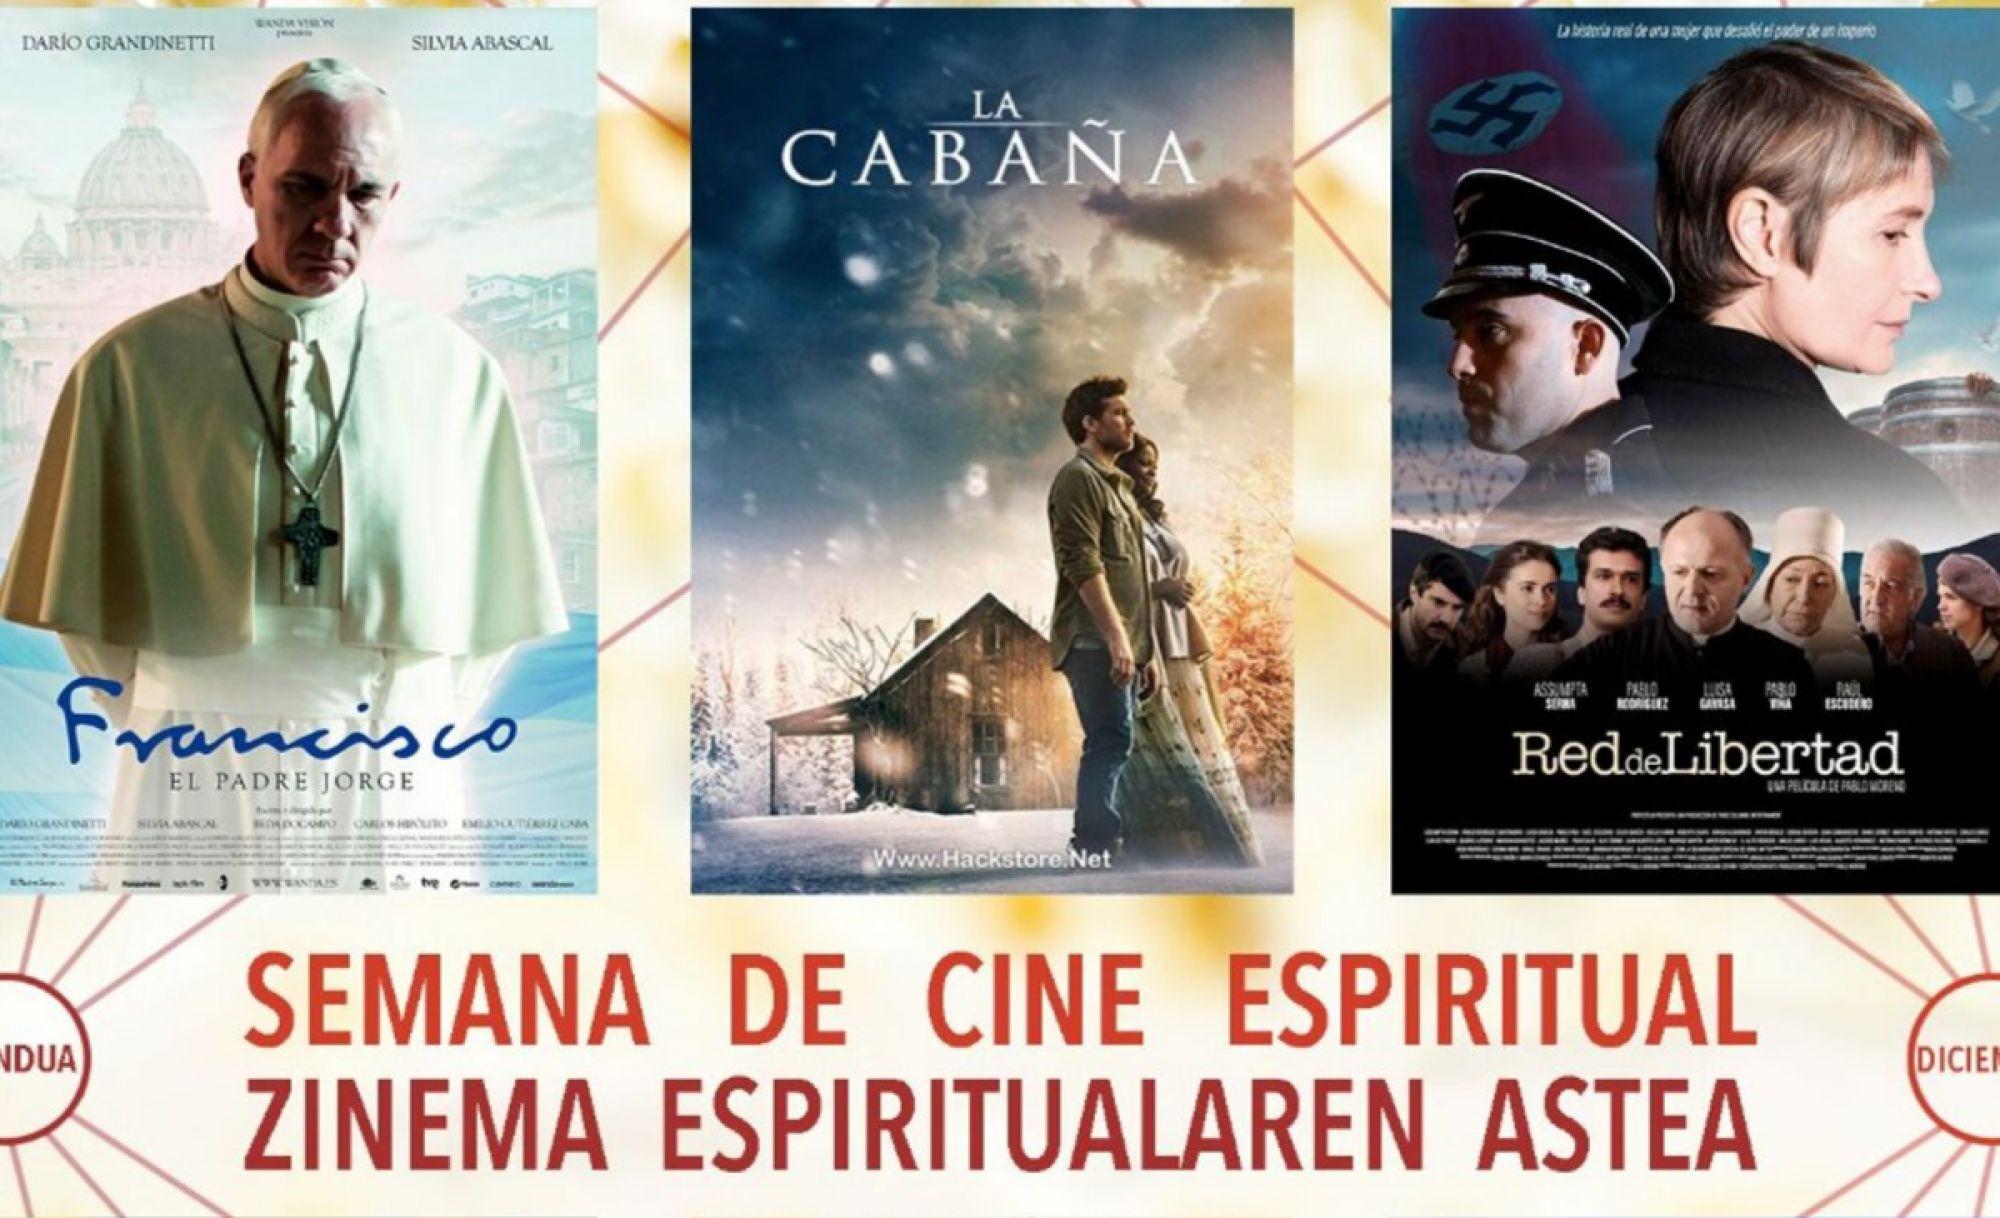 Ciclo Espiritual De Cine.Png